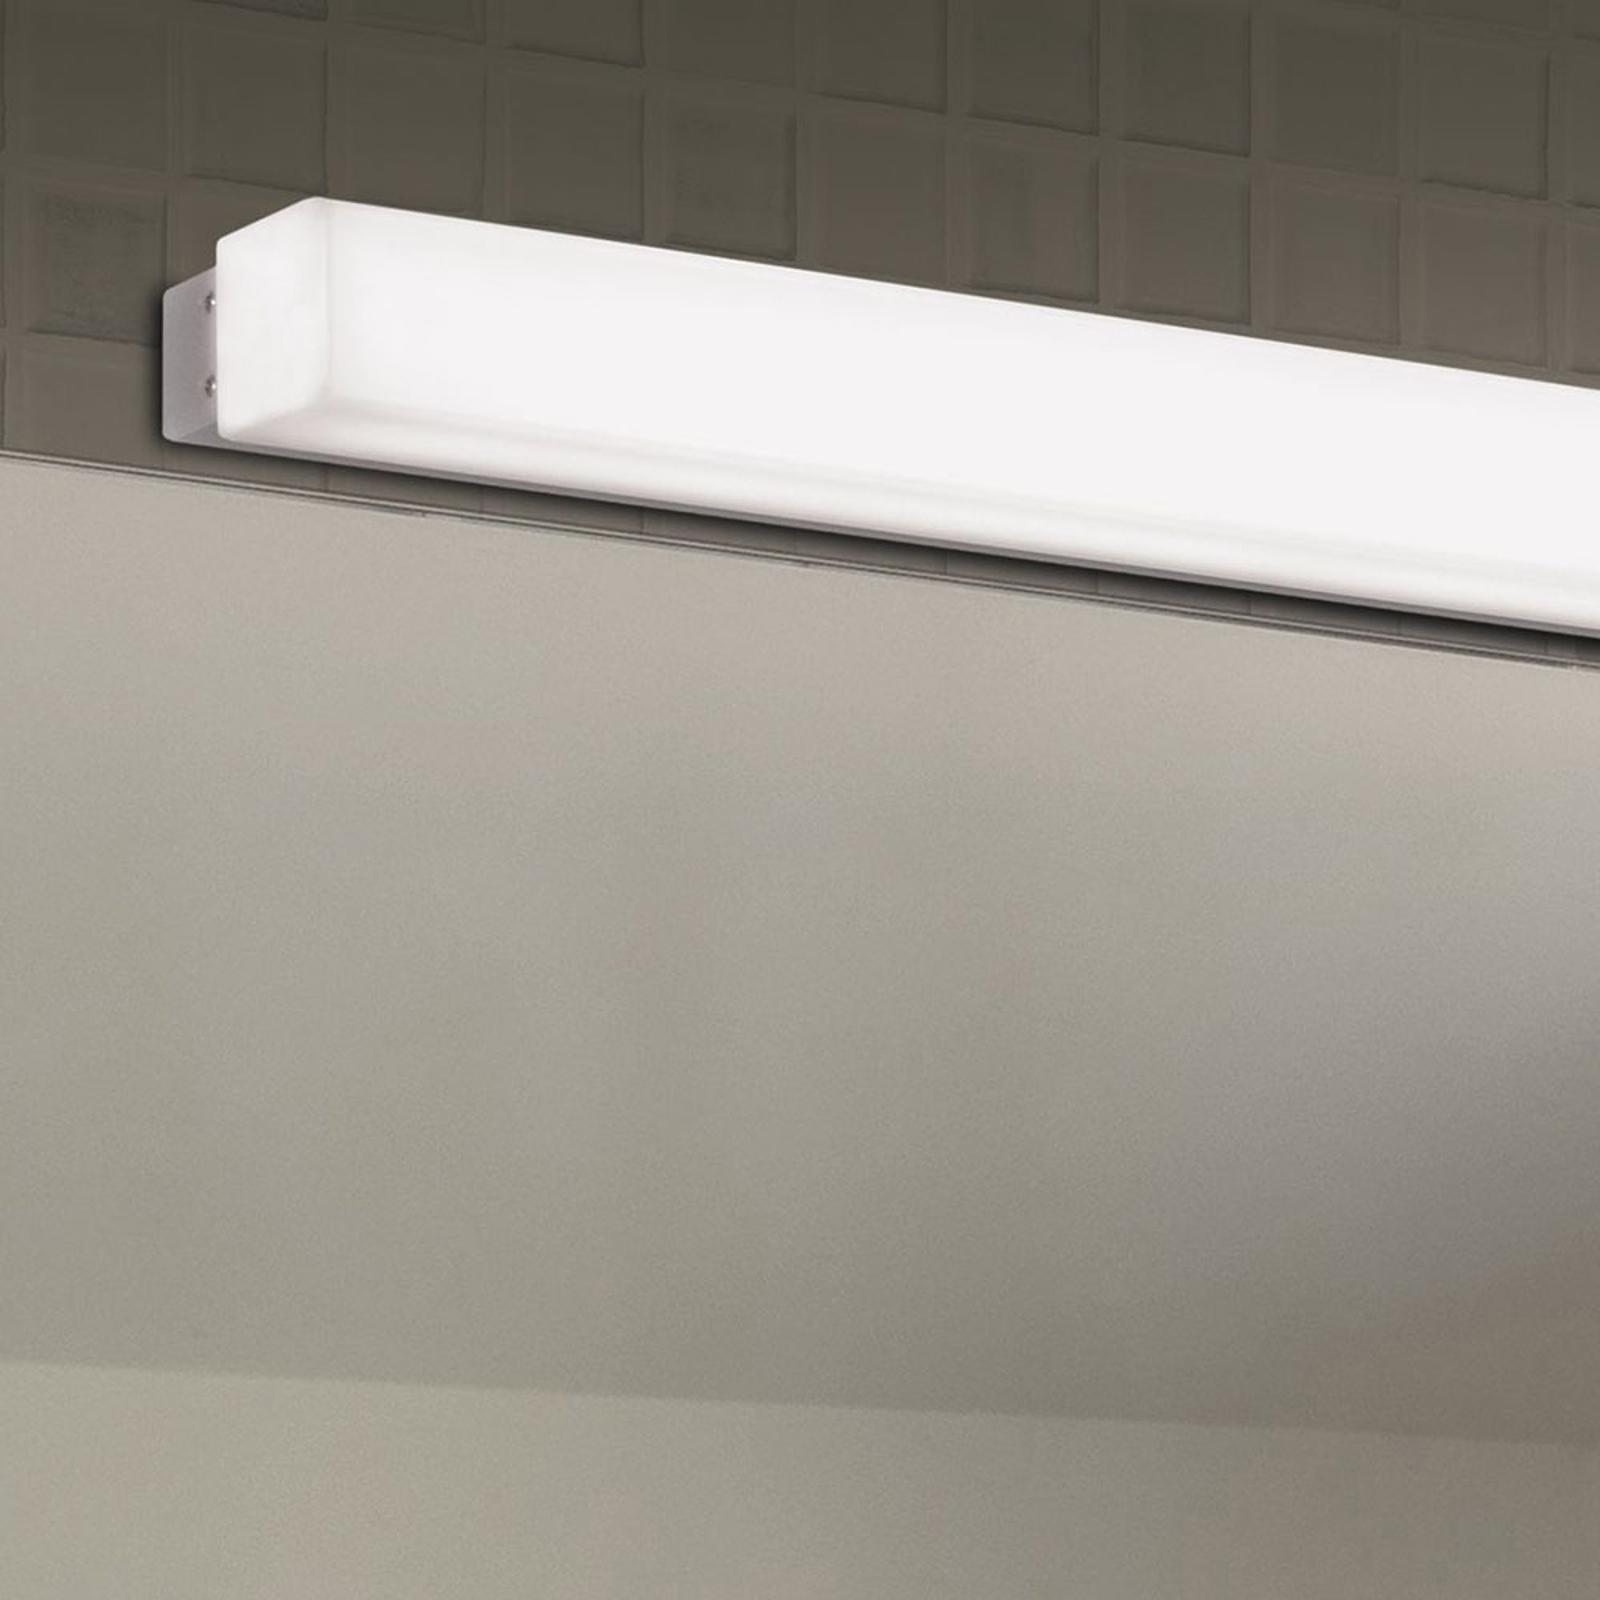 Applique salle de bain LED Box 3000K largeur 59cm